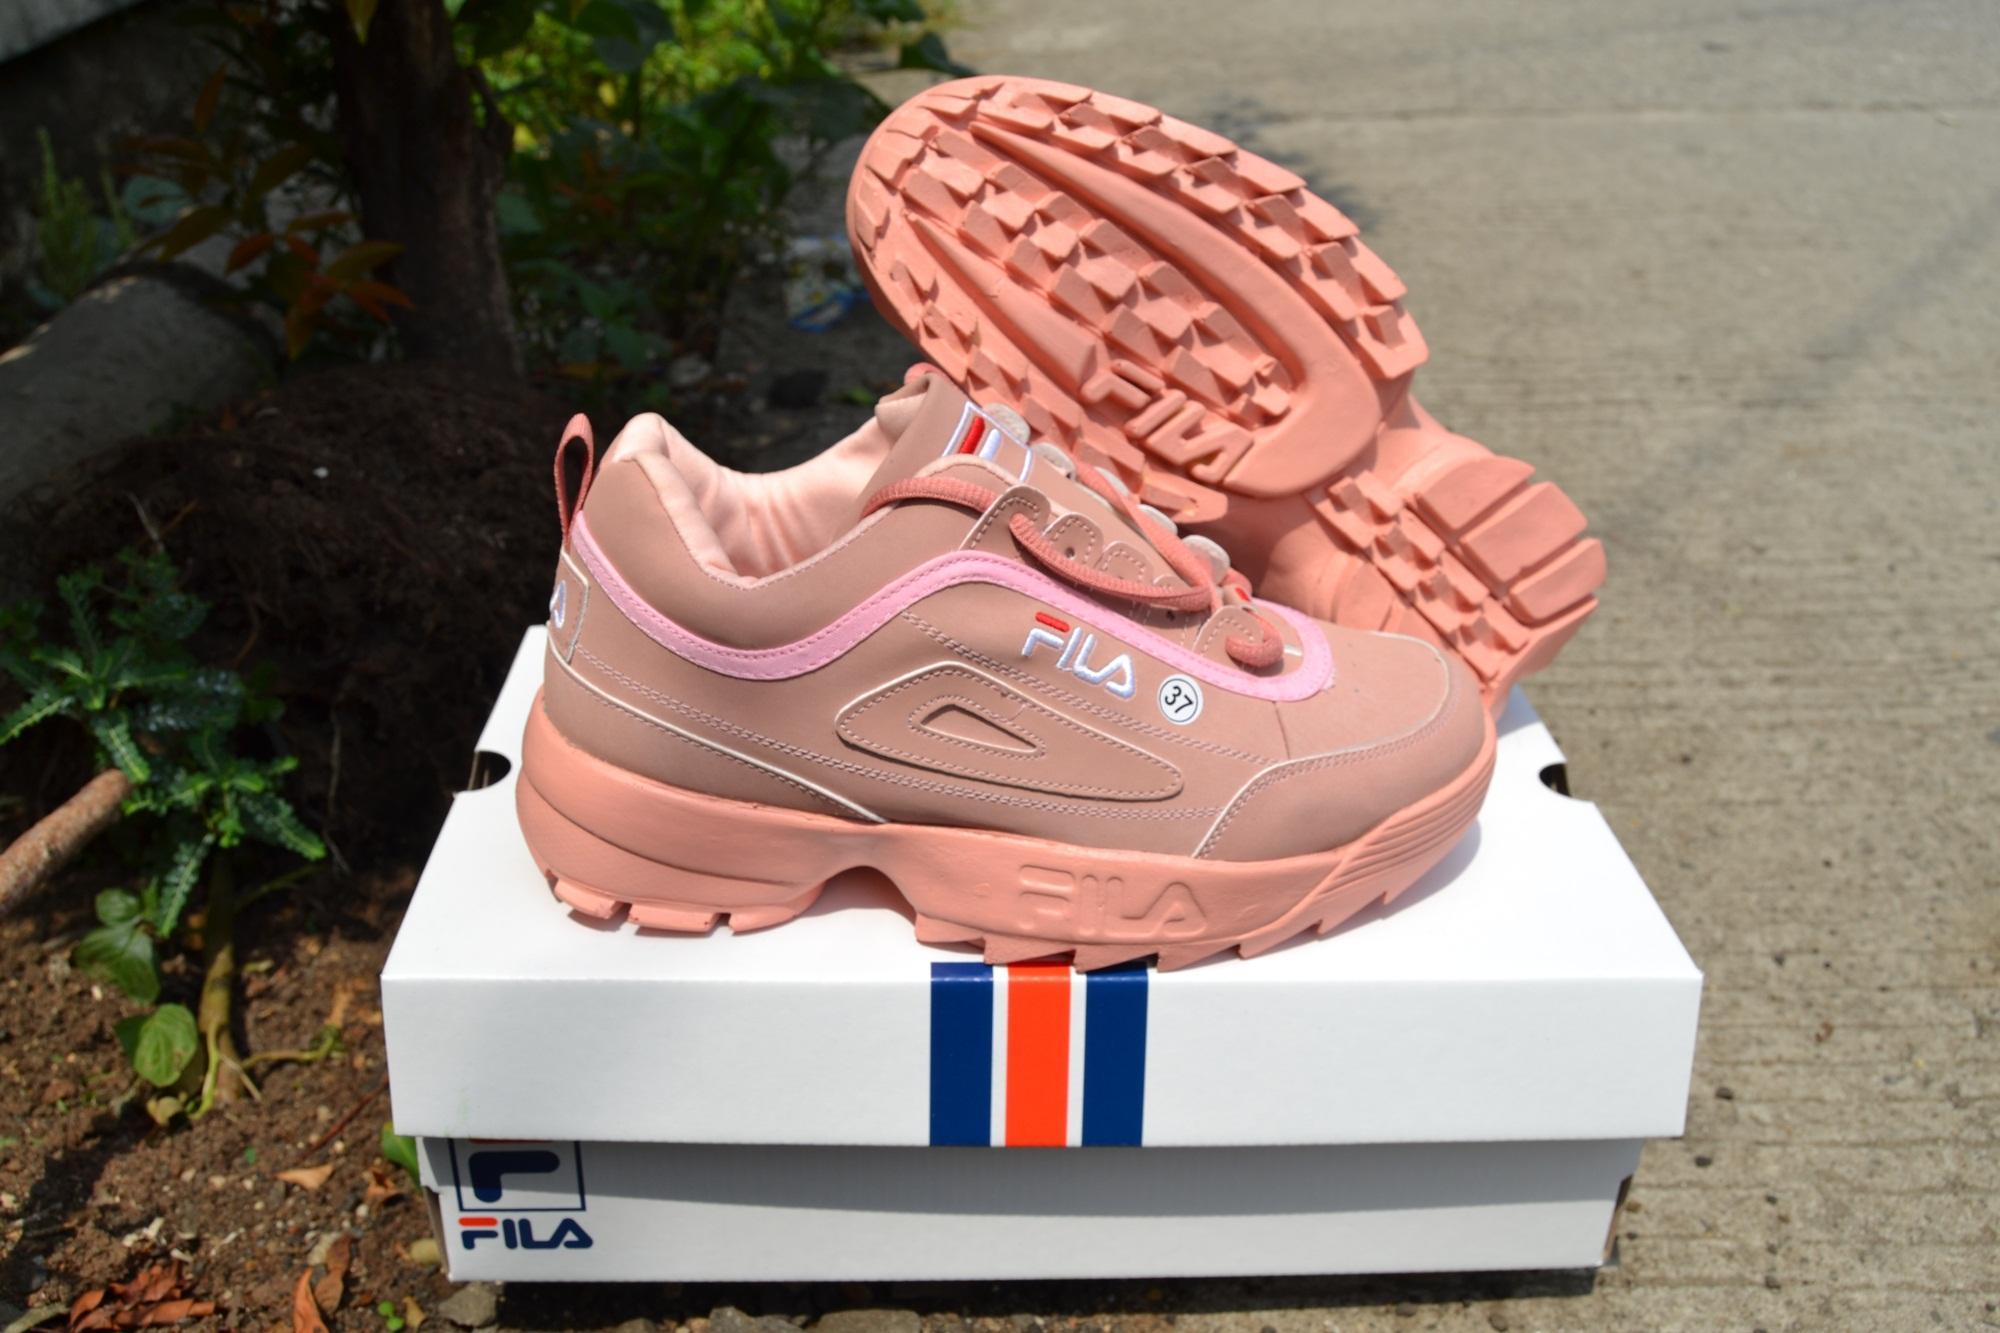 Terlaris Fila For Woman Sepatu Jalan Jalan Sepatu Running Sneakers ... c04df55256